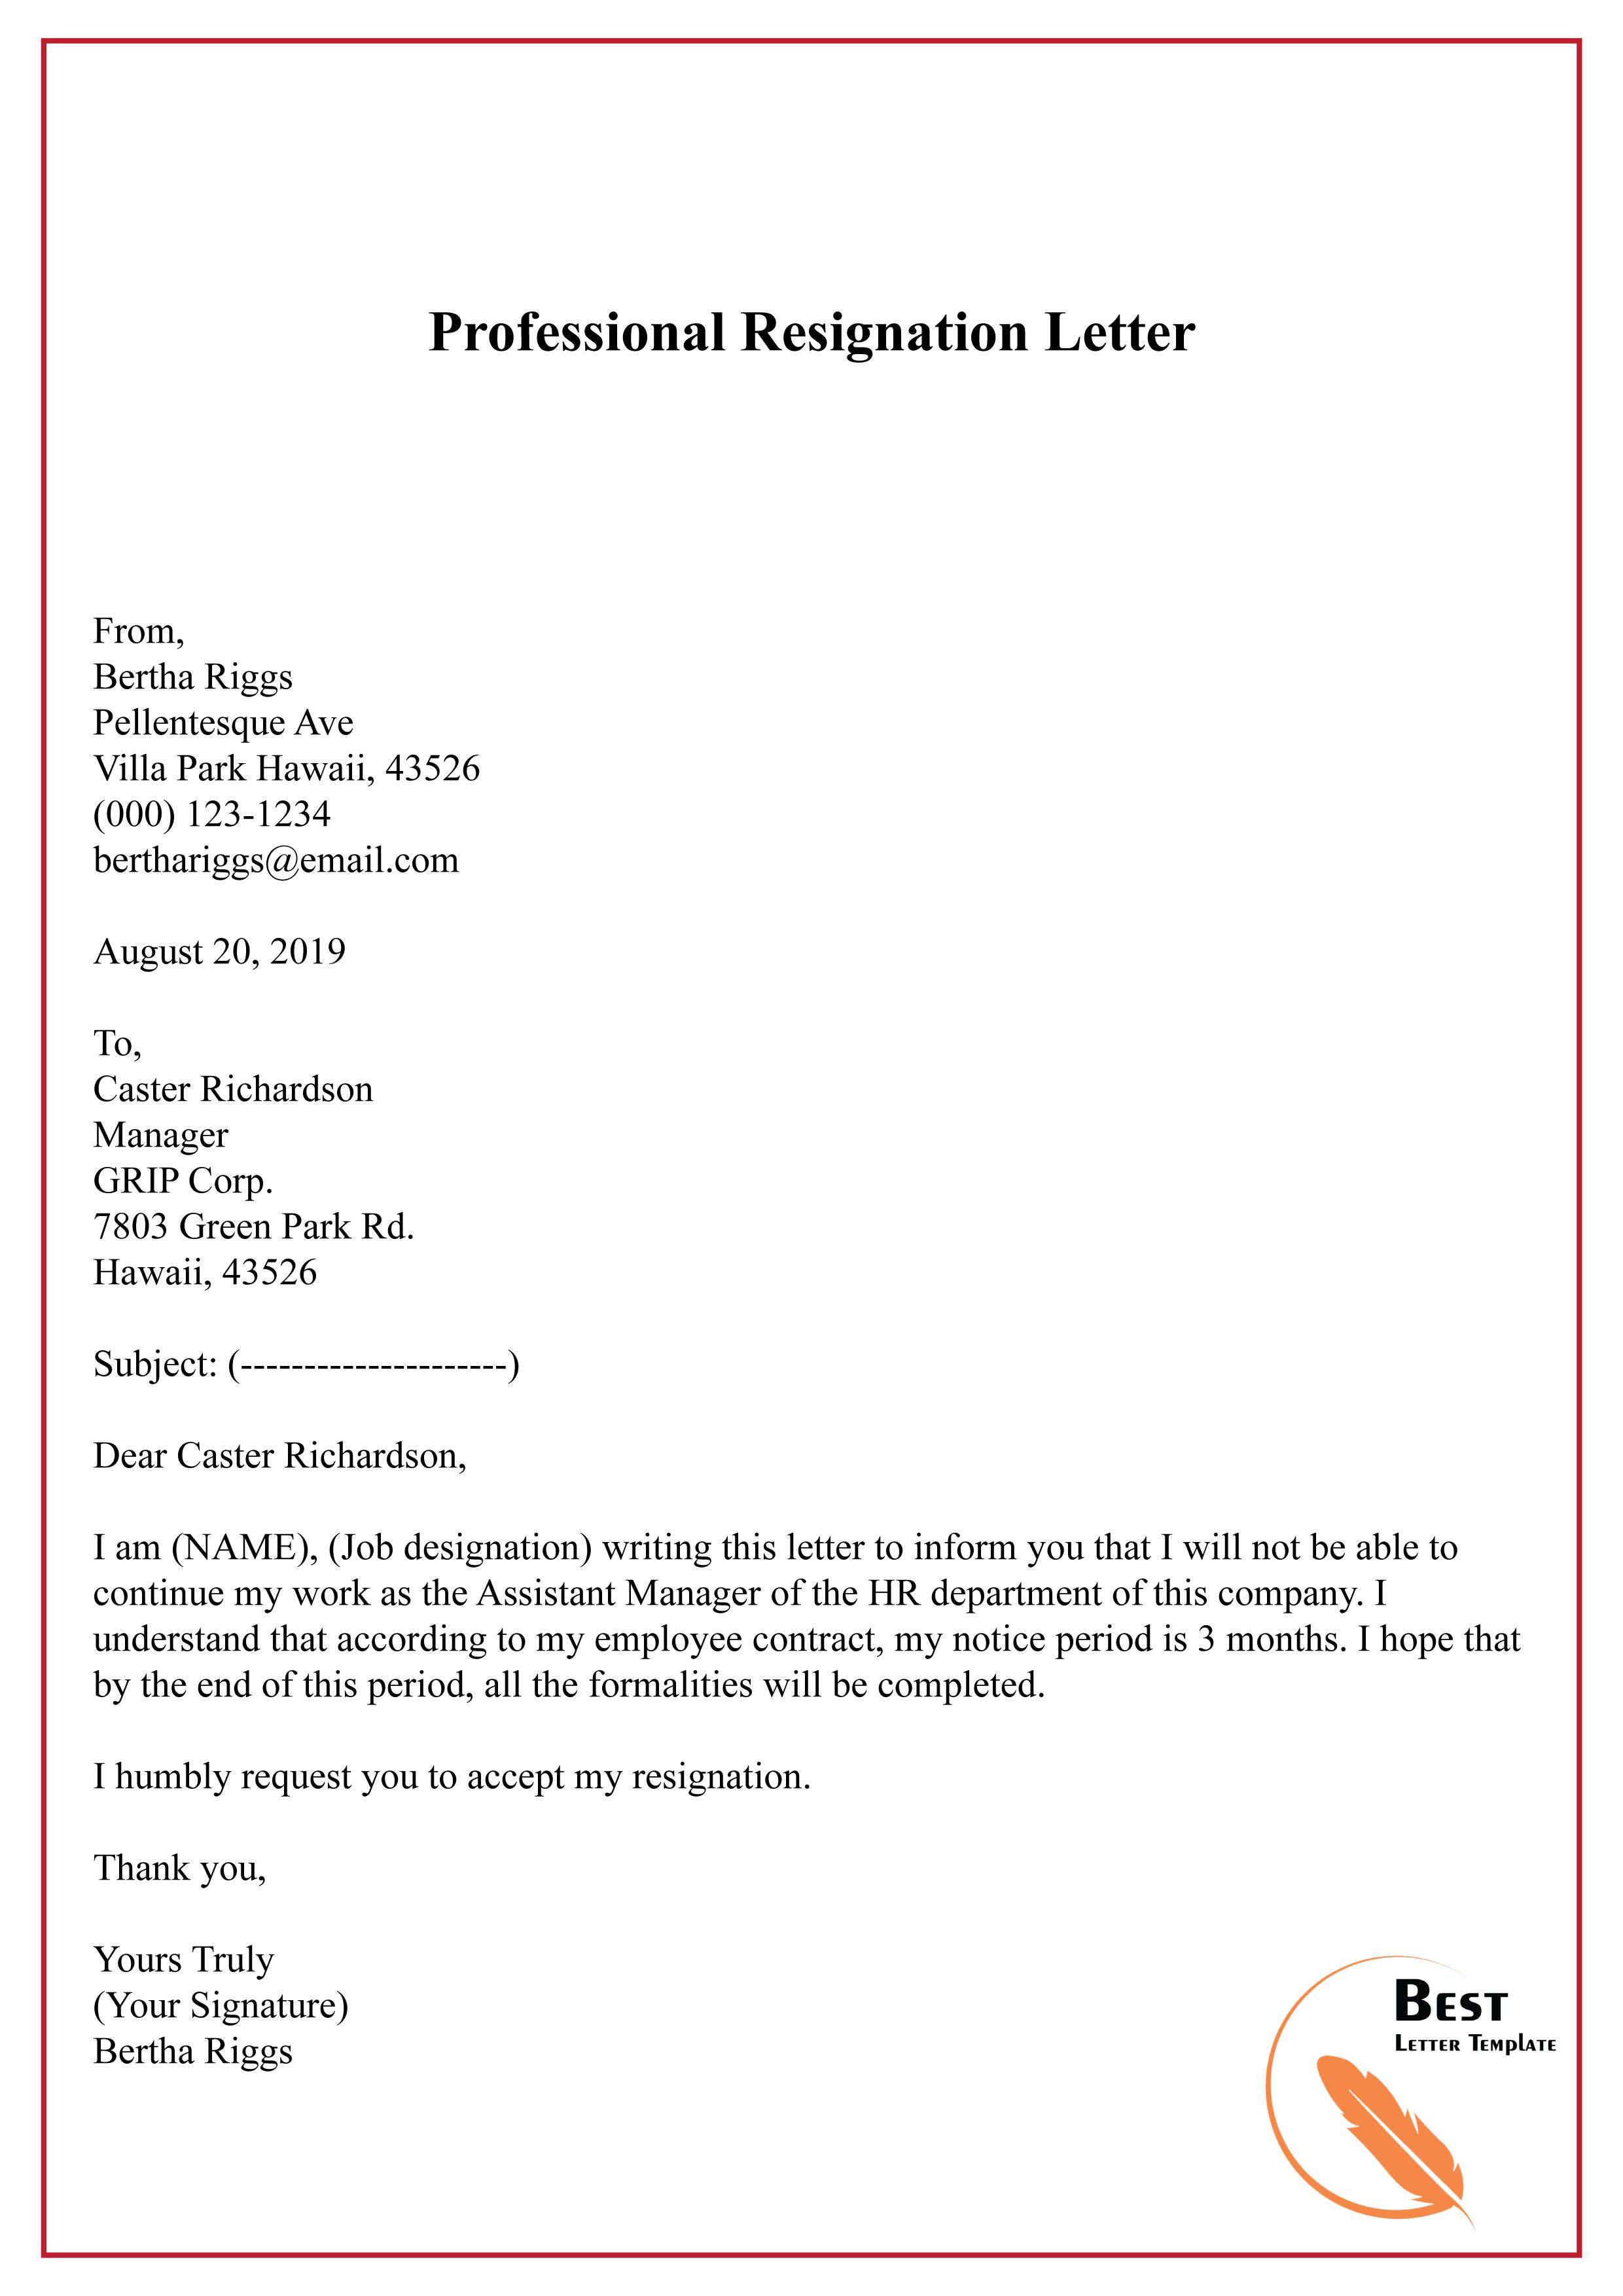 Humble Resignation Letter Sample from bestlettertemplate.com